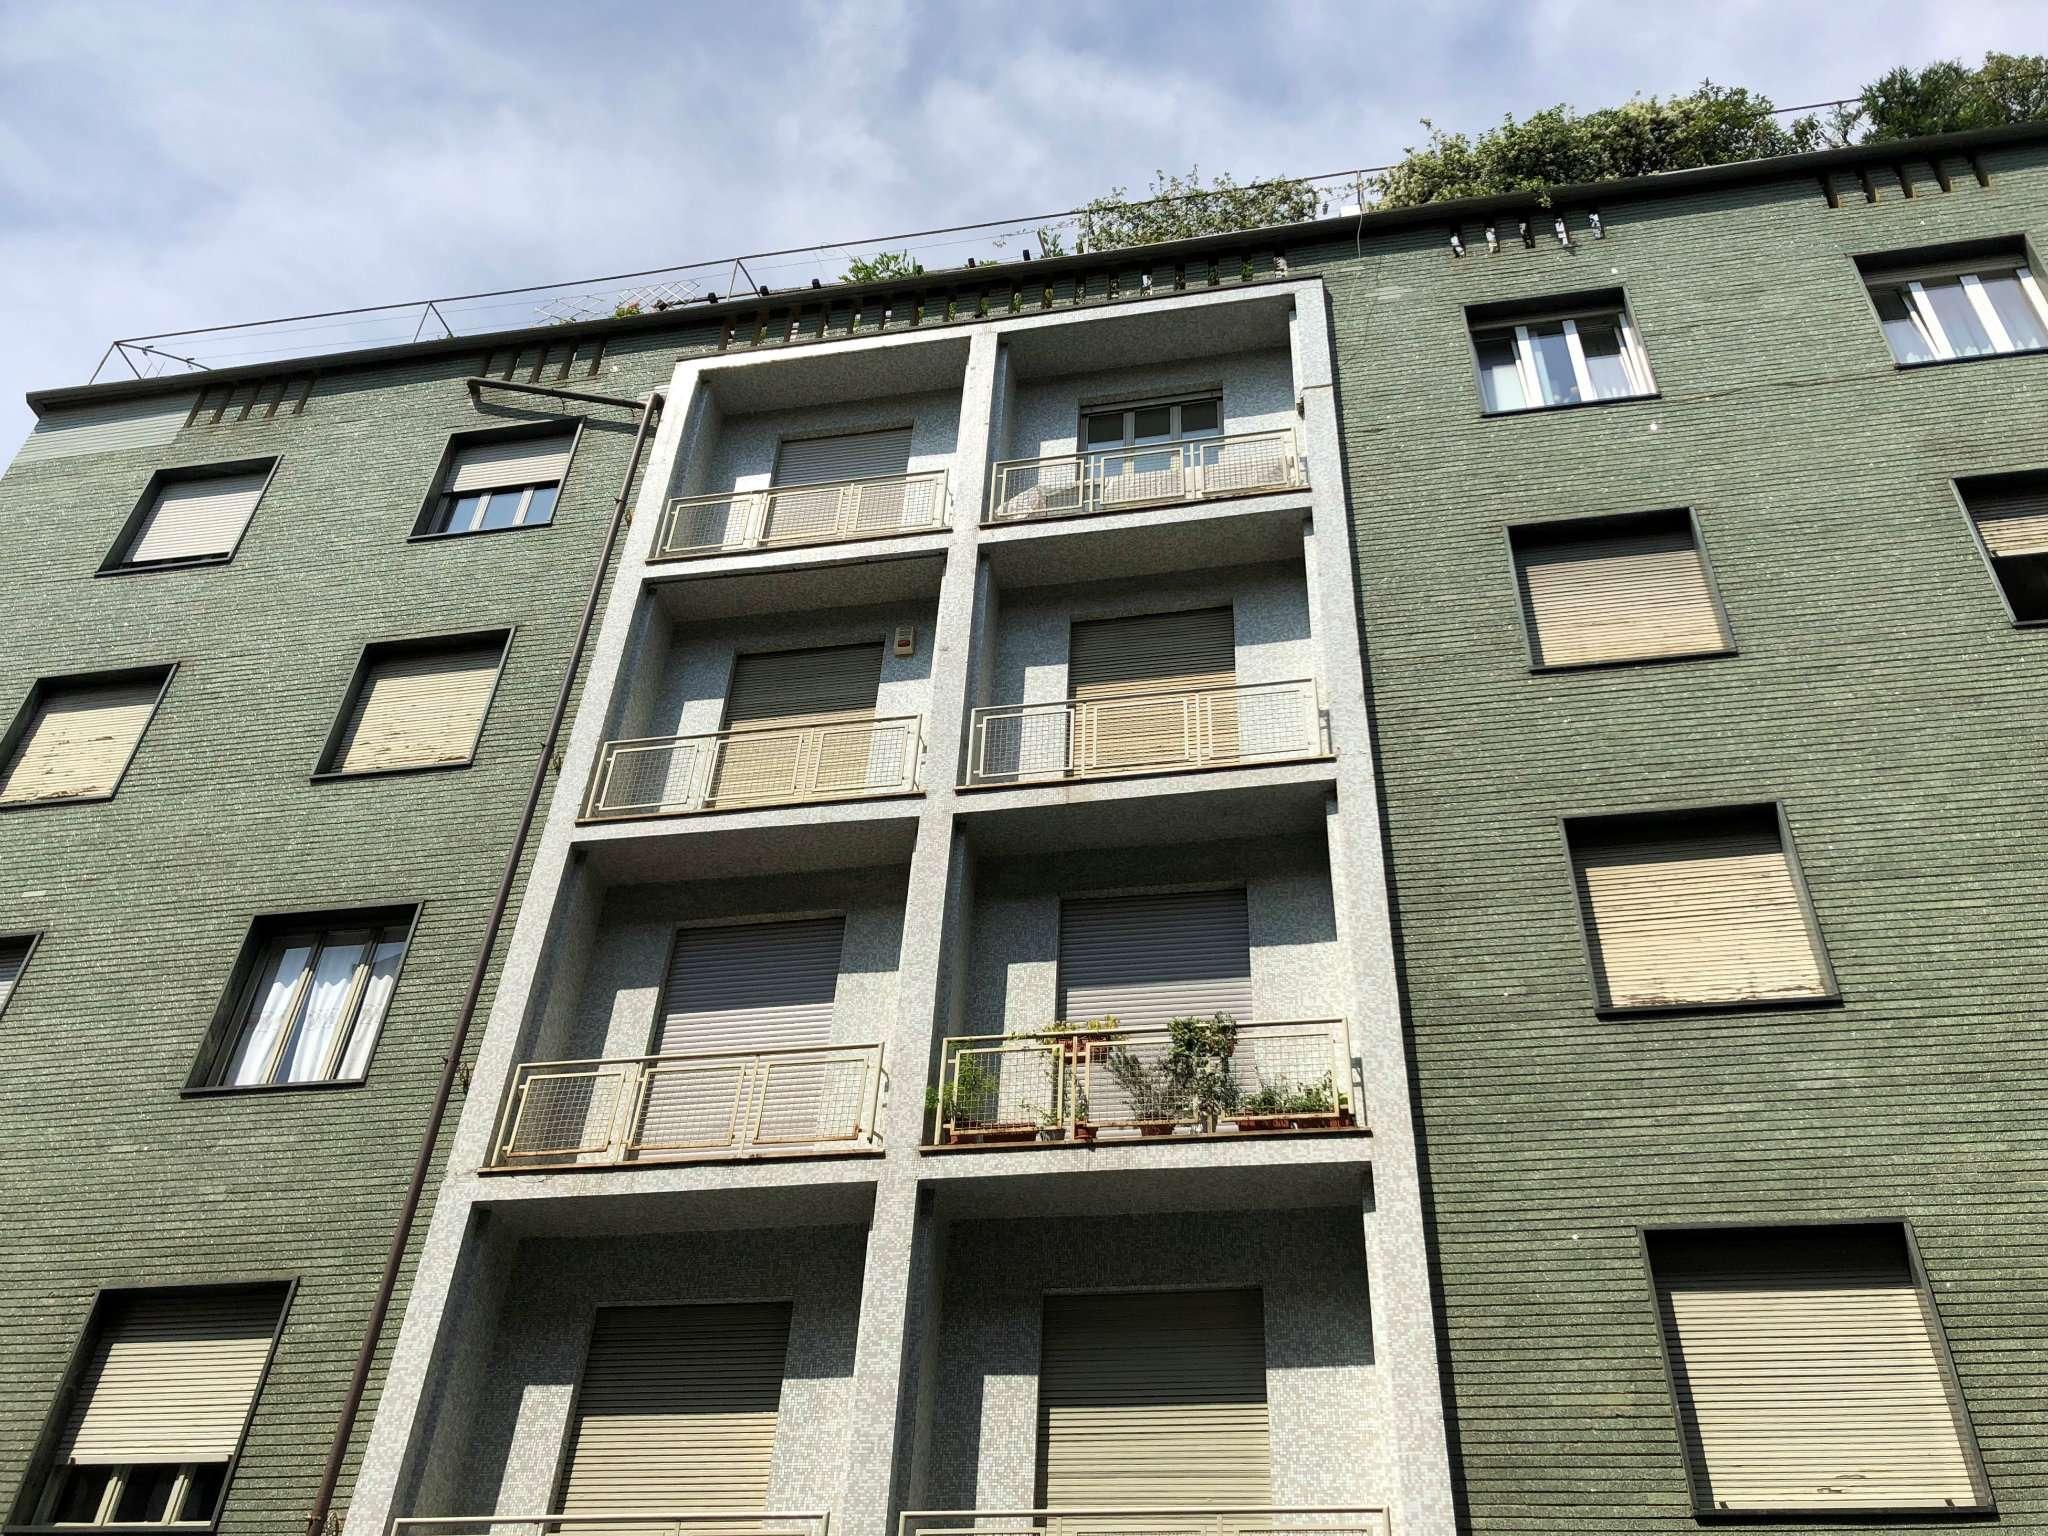 Foto 1 di Appartamento via Casalis 51, Torino (zona Cit Turin, San Donato, Campidoglio)